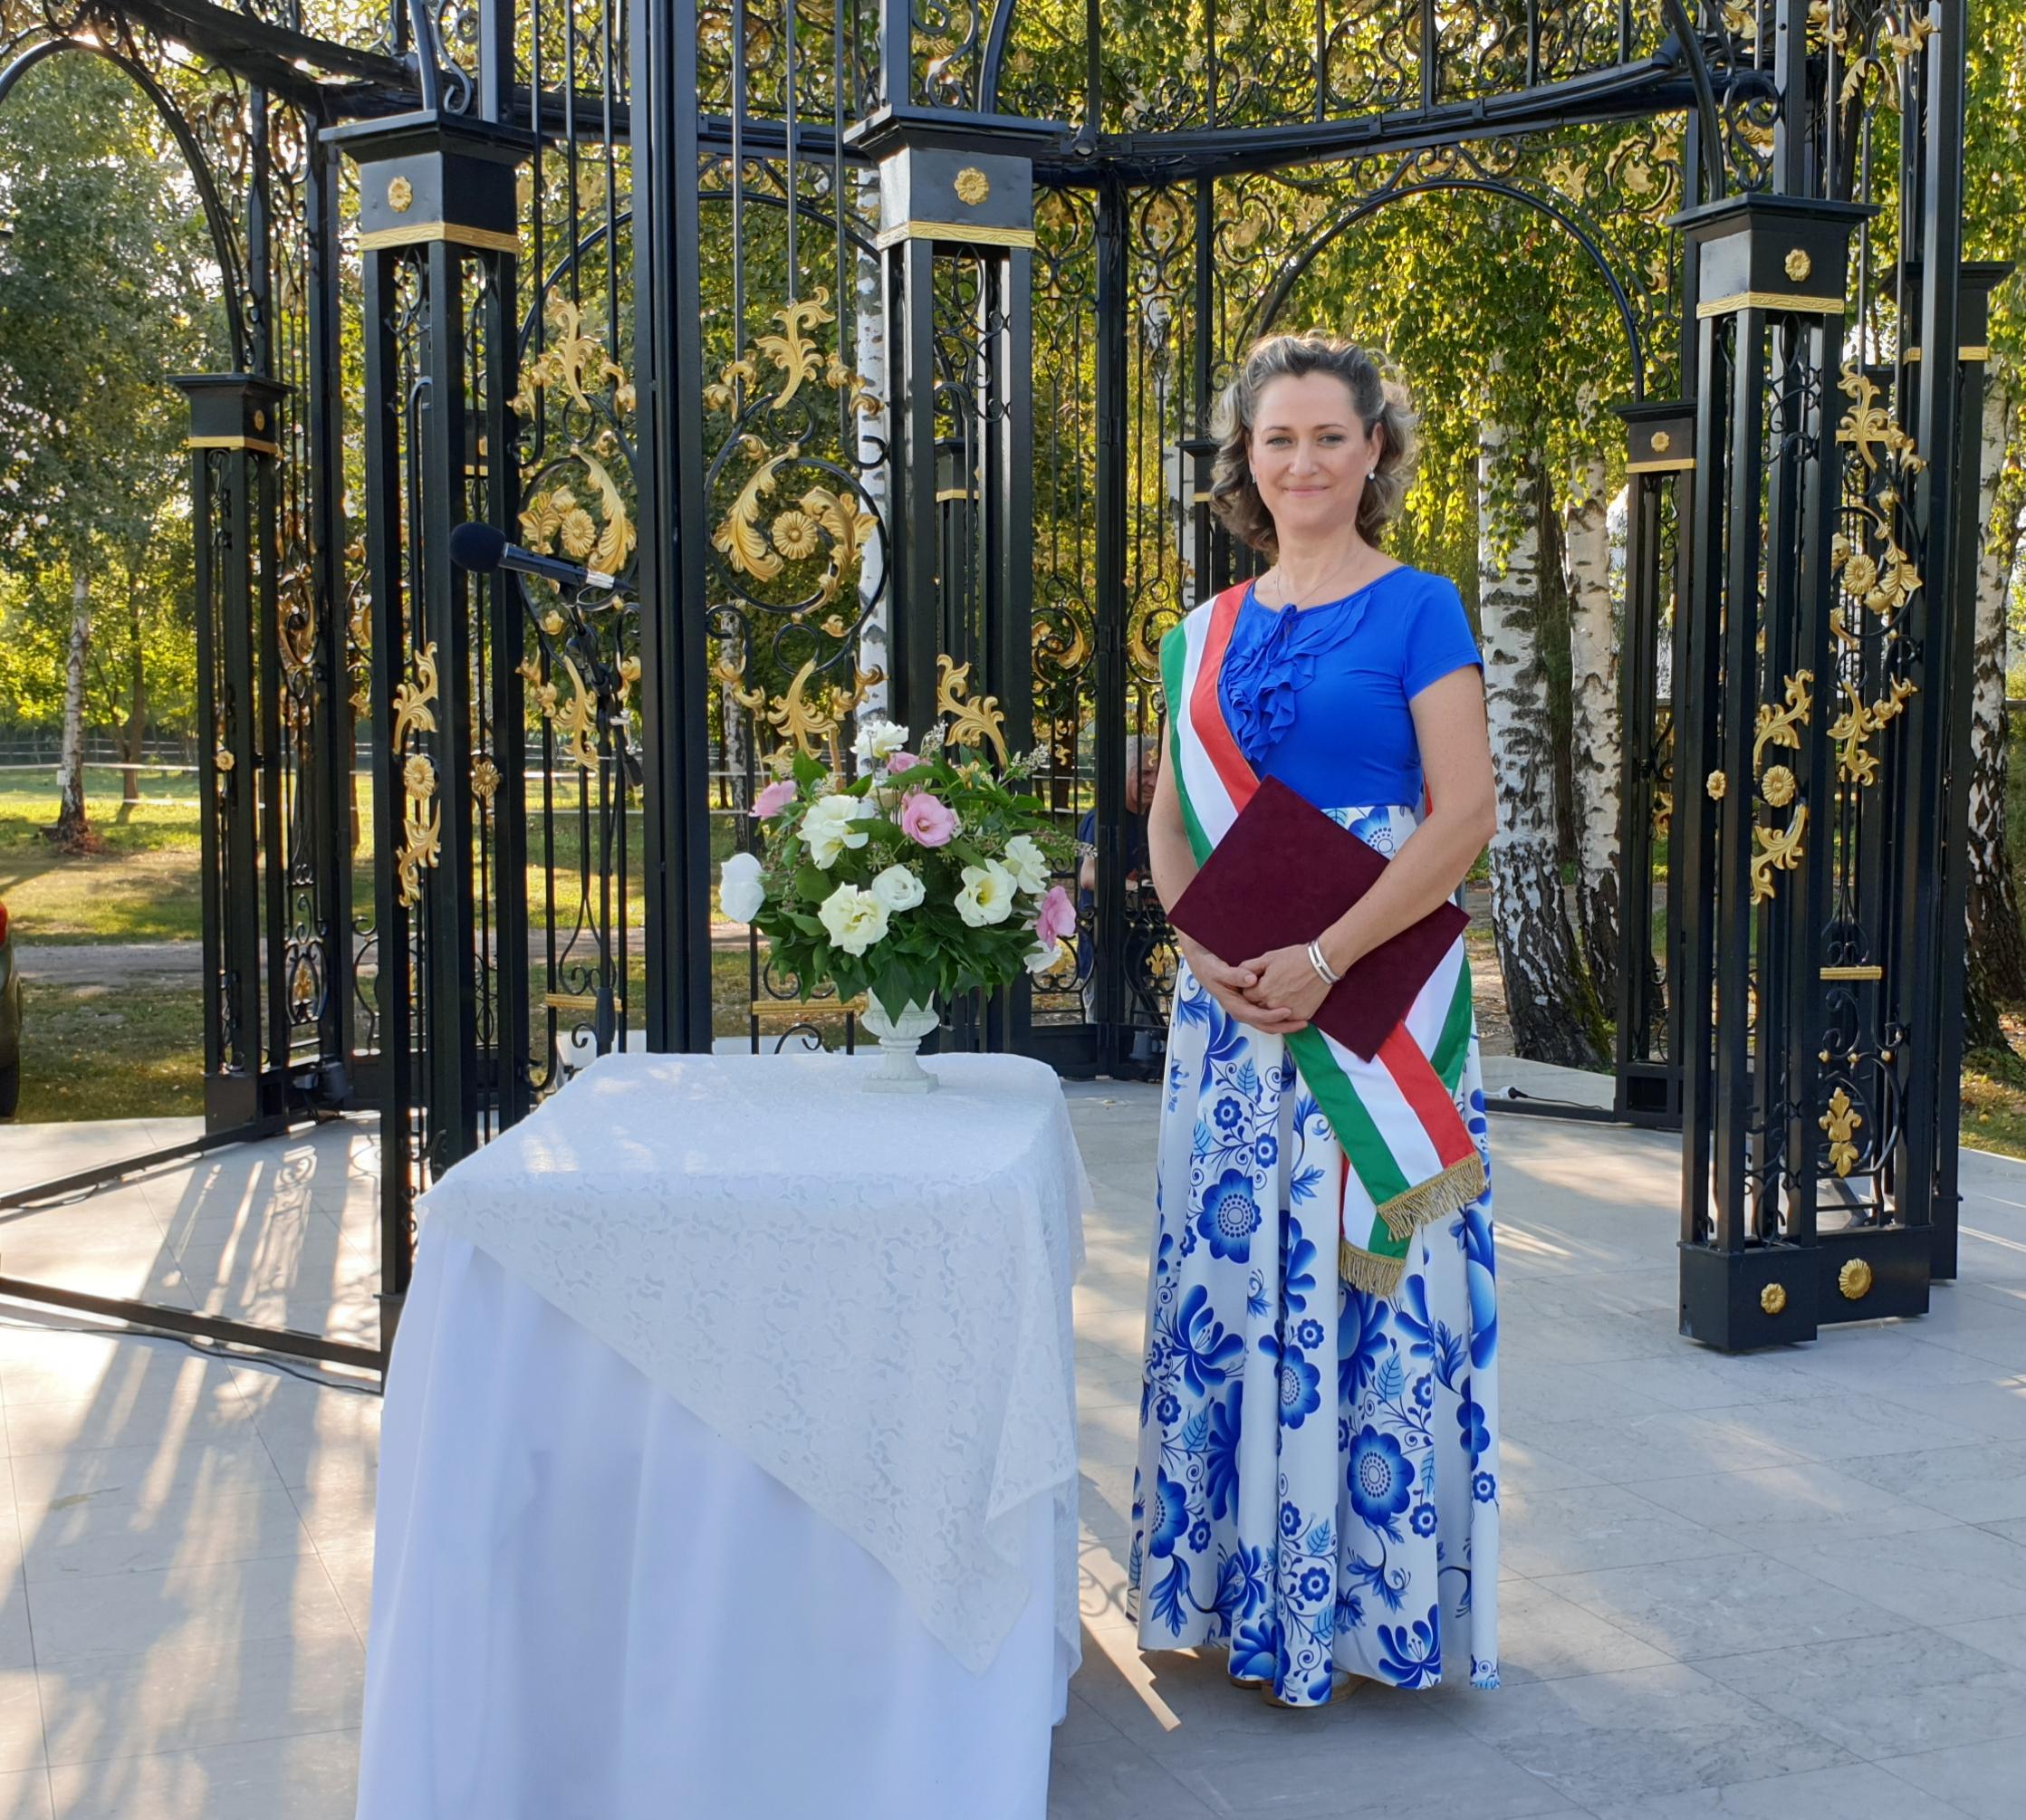 esküvőszervezés, rendezvényszervezés